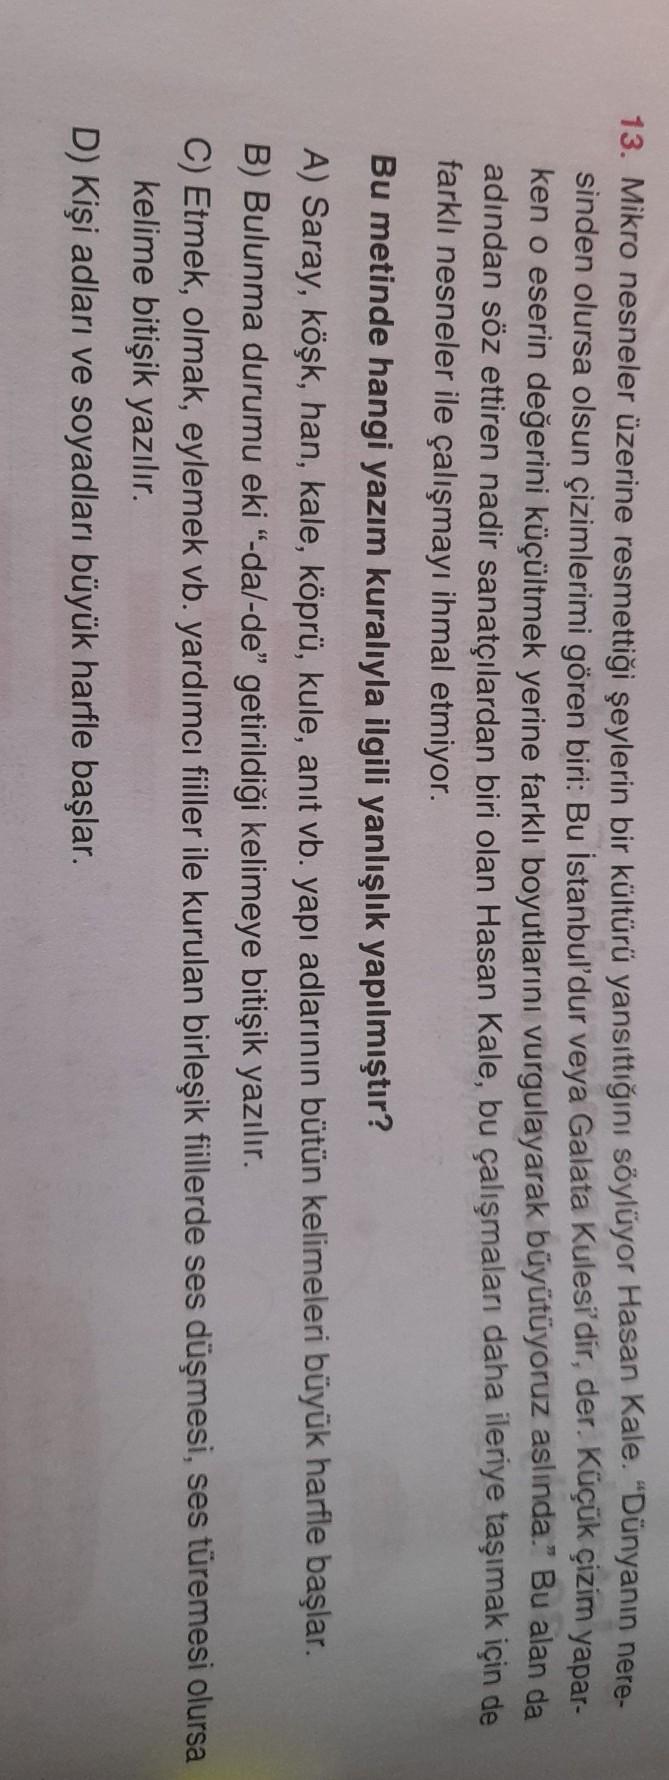 """13. Mikro nesneler üzerine resmettiği şeylerin bir kültürü yansıttığını söylüyor Hasan Kale. """"Dünyanın nere- sinden olursa olsun çizimlerimi gören biri: Bu İstanbul'dur veya Galata Kulesi'dir, der. Küçük çizim yapar- ken o eserin değerini küçültmek yerine"""